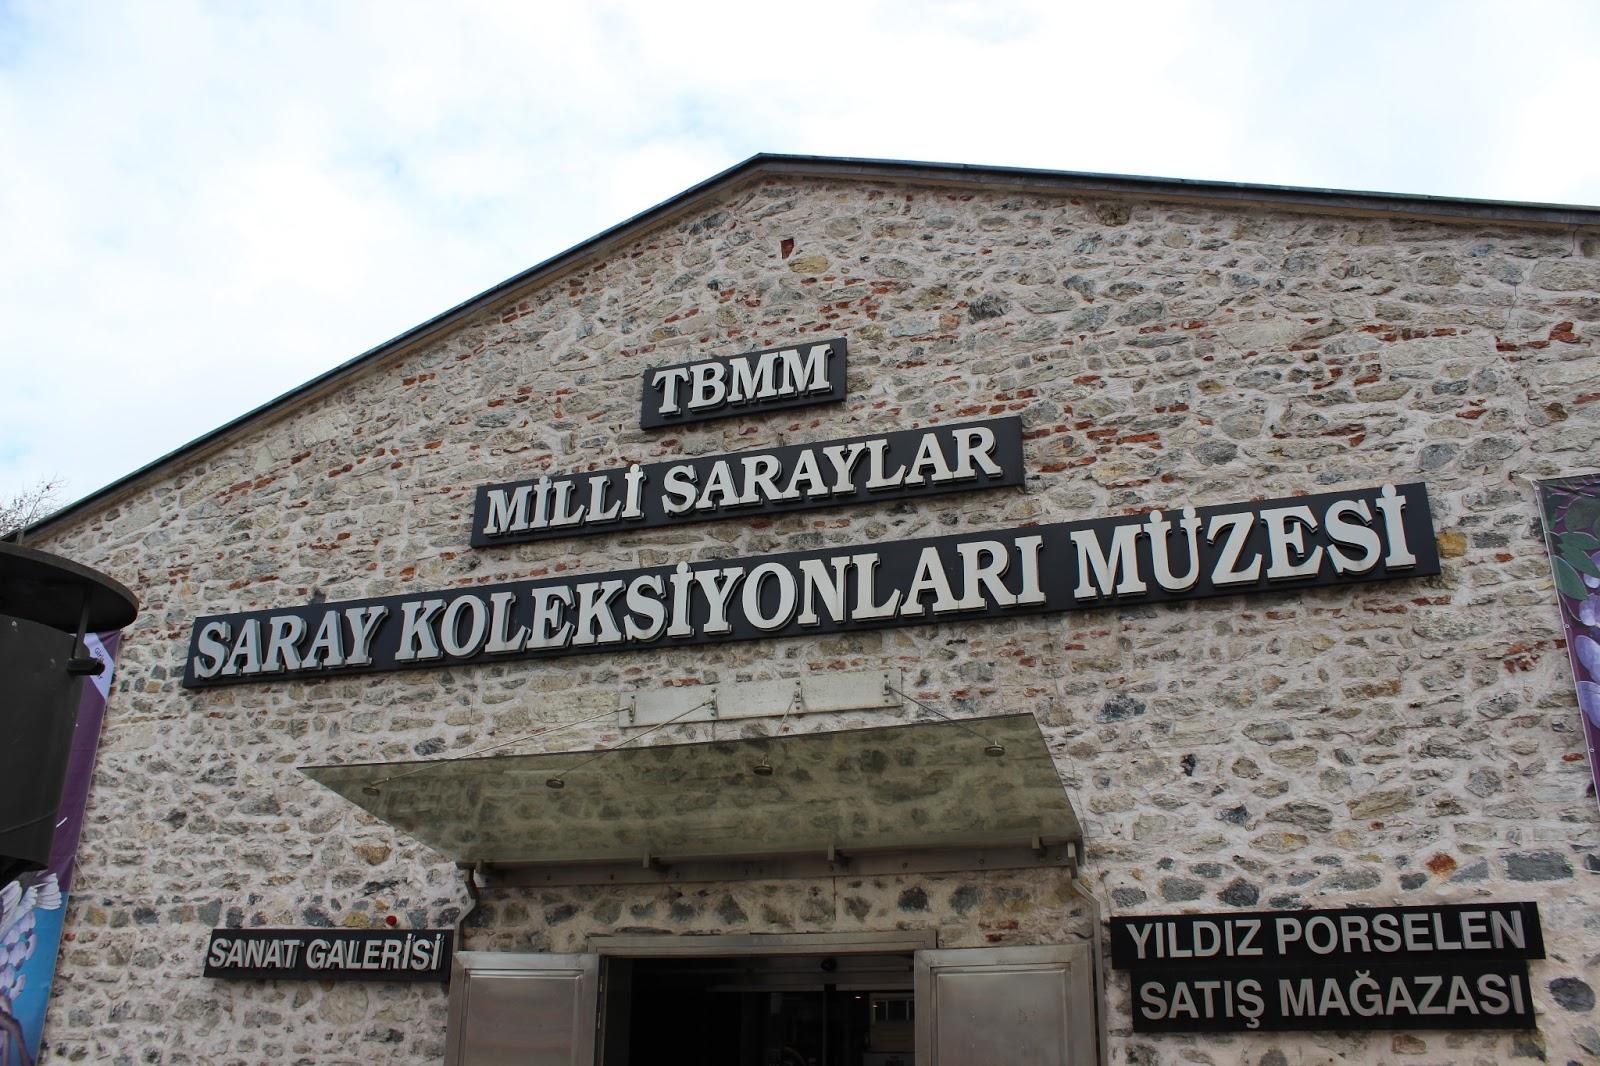 Milli saraylar saray koleksiyonları müzesi